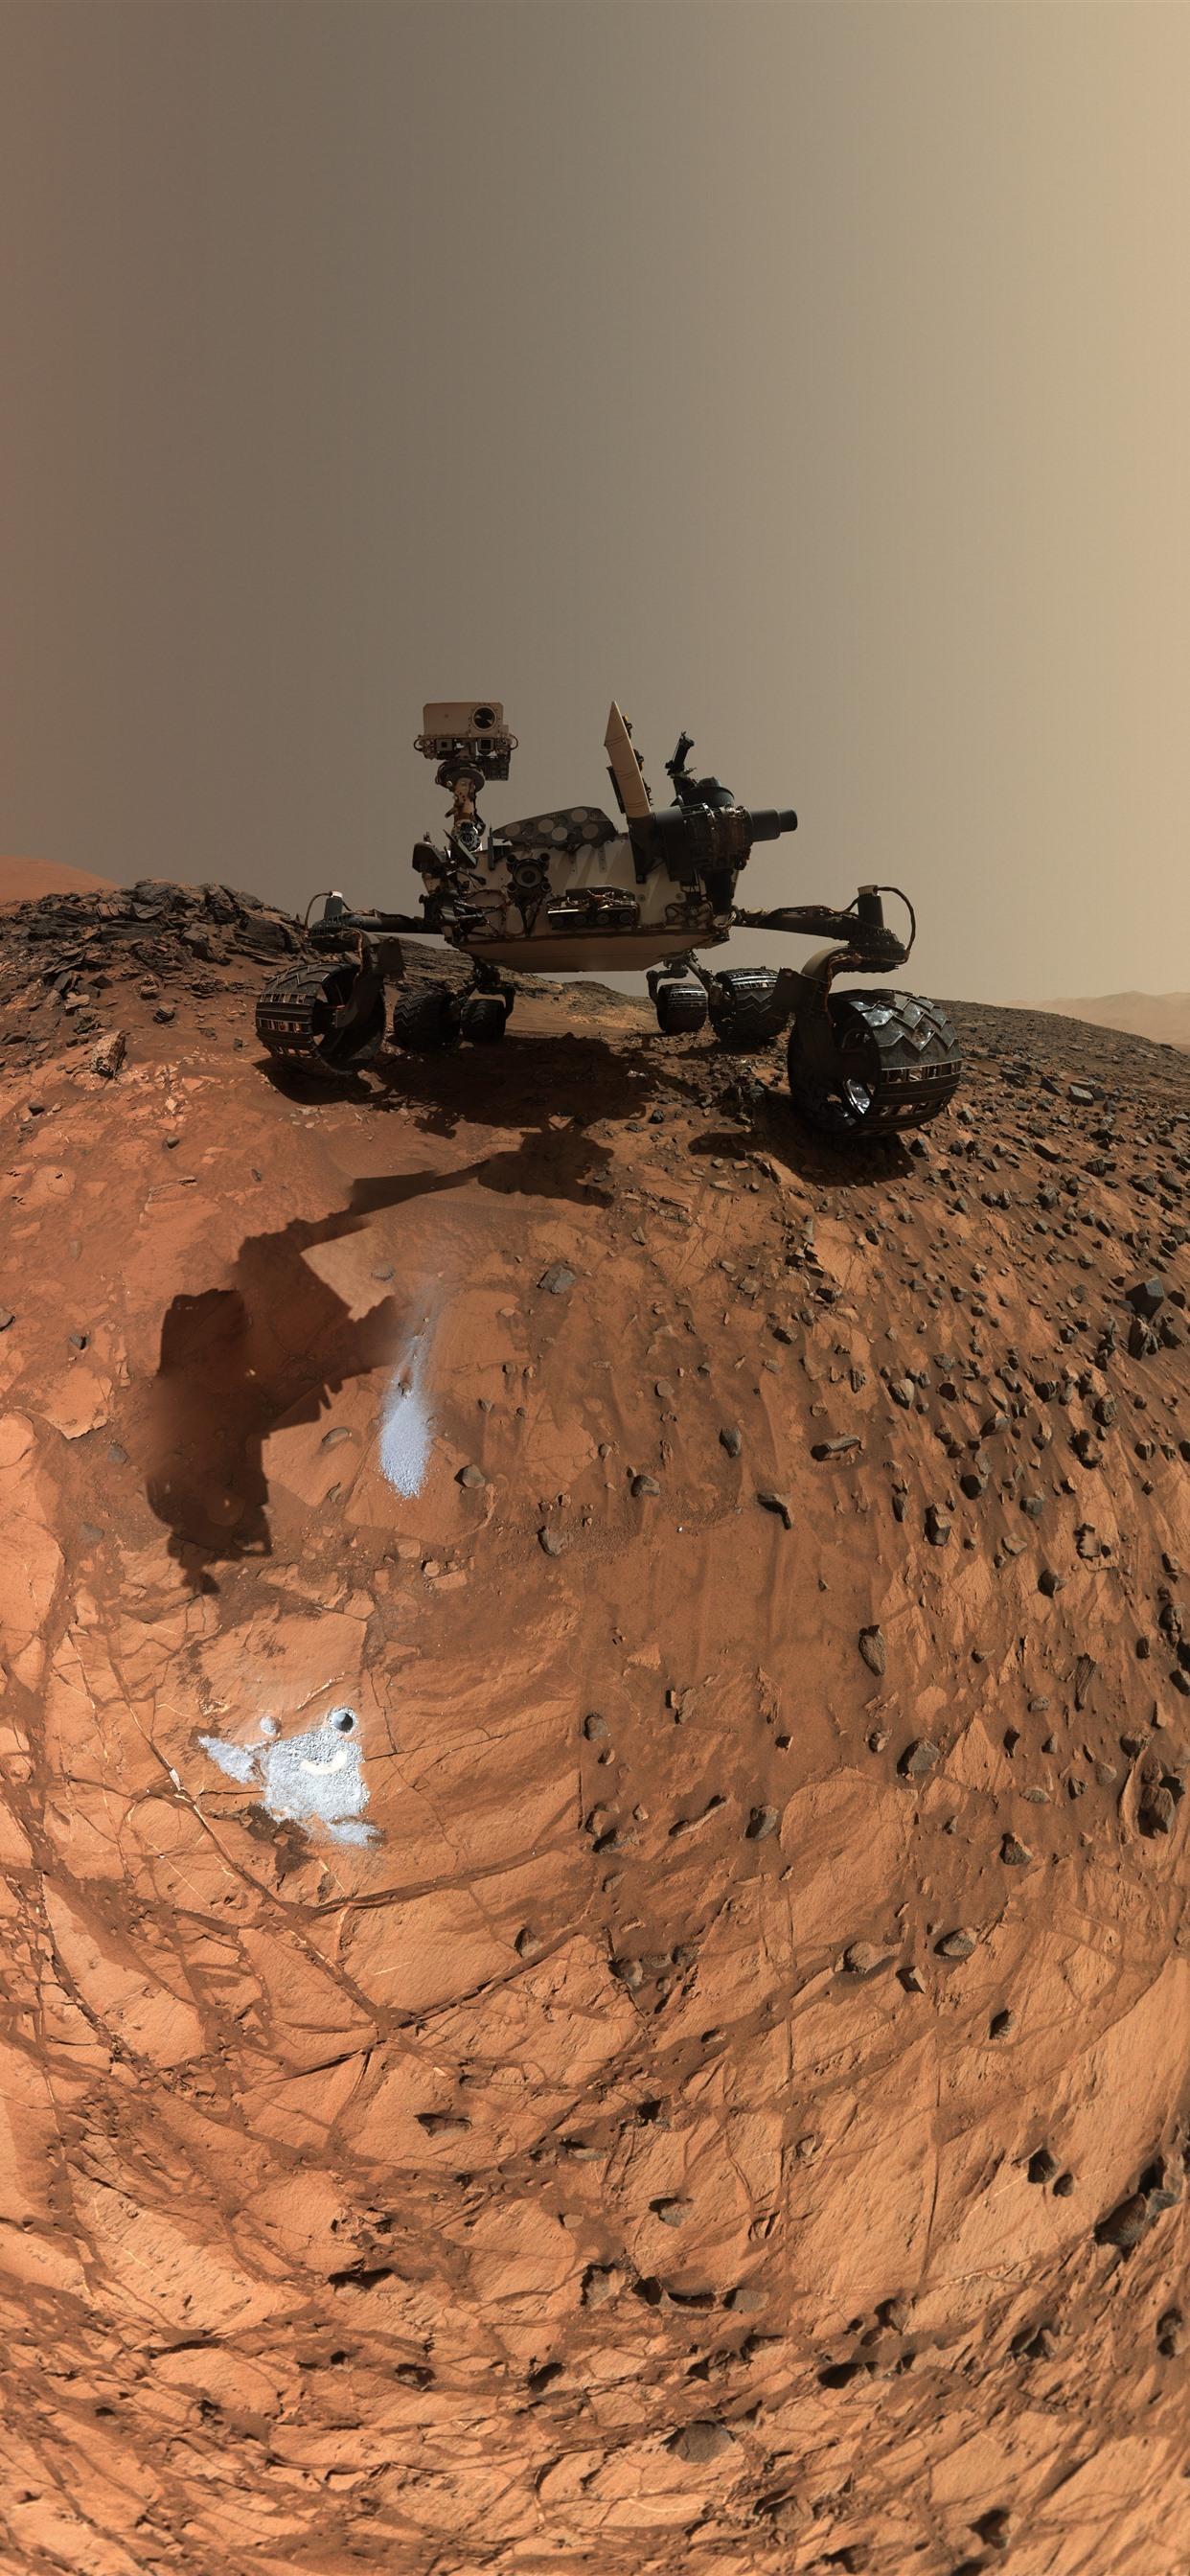 壁纸火星 好奇号火星探测车 岩石 美国宇航局7680x4320 Uhd 8k 高清